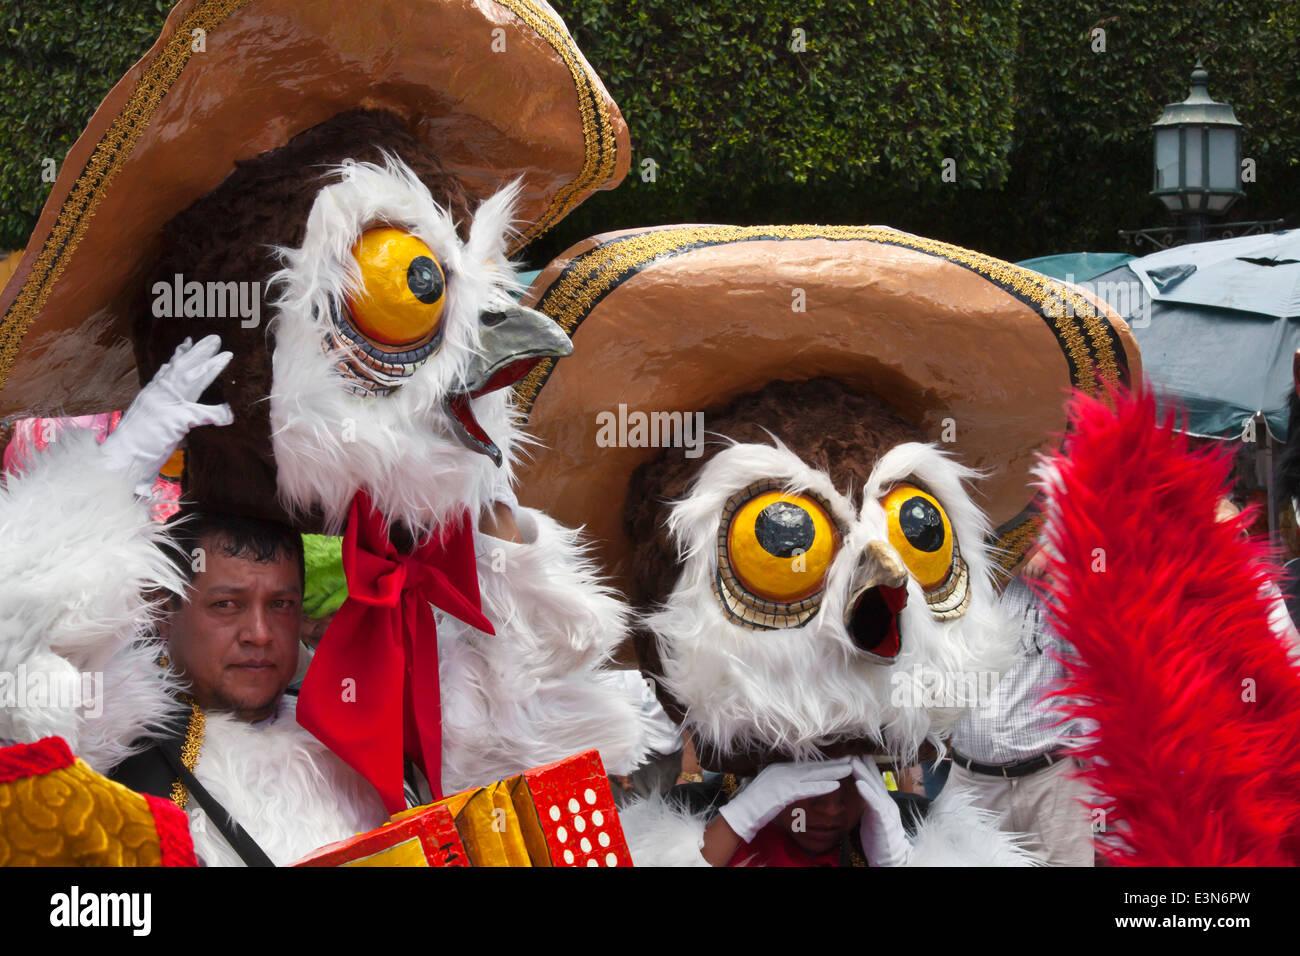 Mexicans dress in costumes and participate the DIA DE LOS LOCOS PARADE - SAN MIGUEL DE ALLENDE, GUANAJUATO, MEXICO - Stock Image